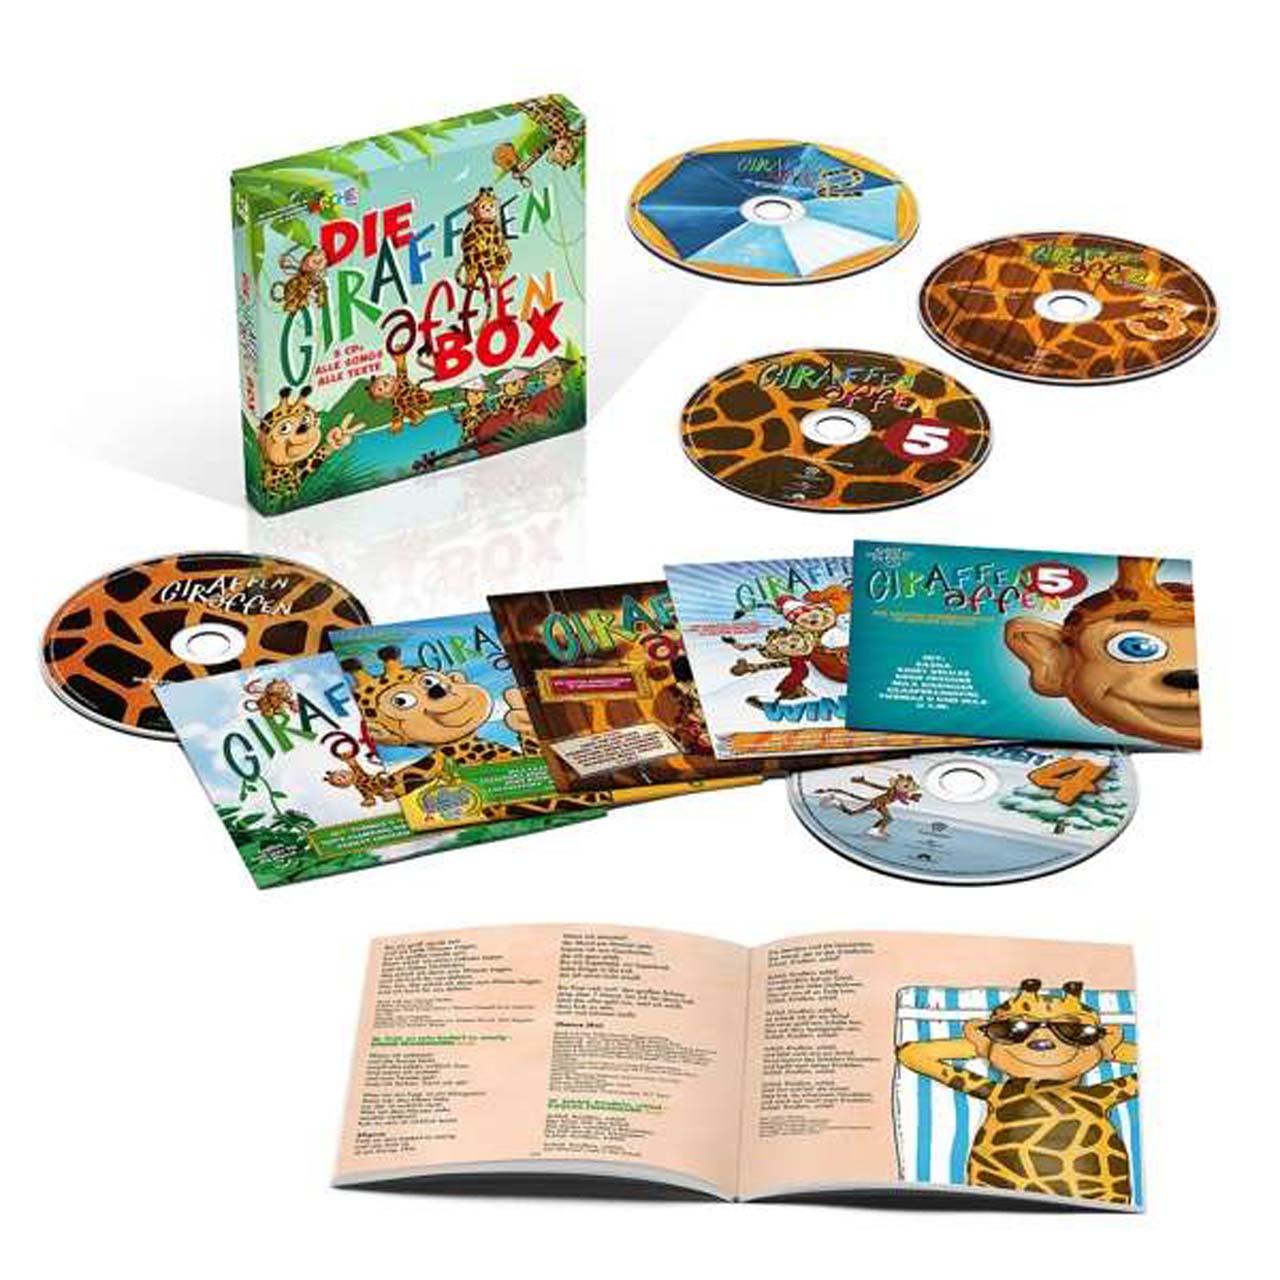 Musik-Tipp: Giraffenaffen (5 CD-Box)